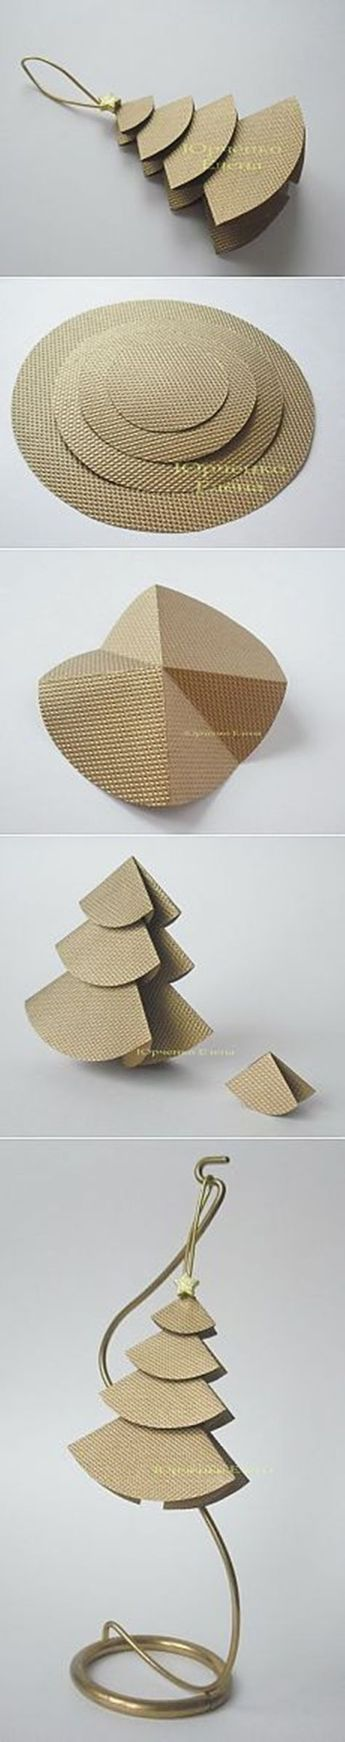 31 einfache handgemachte DIY Papier Weihnachtsschmuck #diychristmasdecor